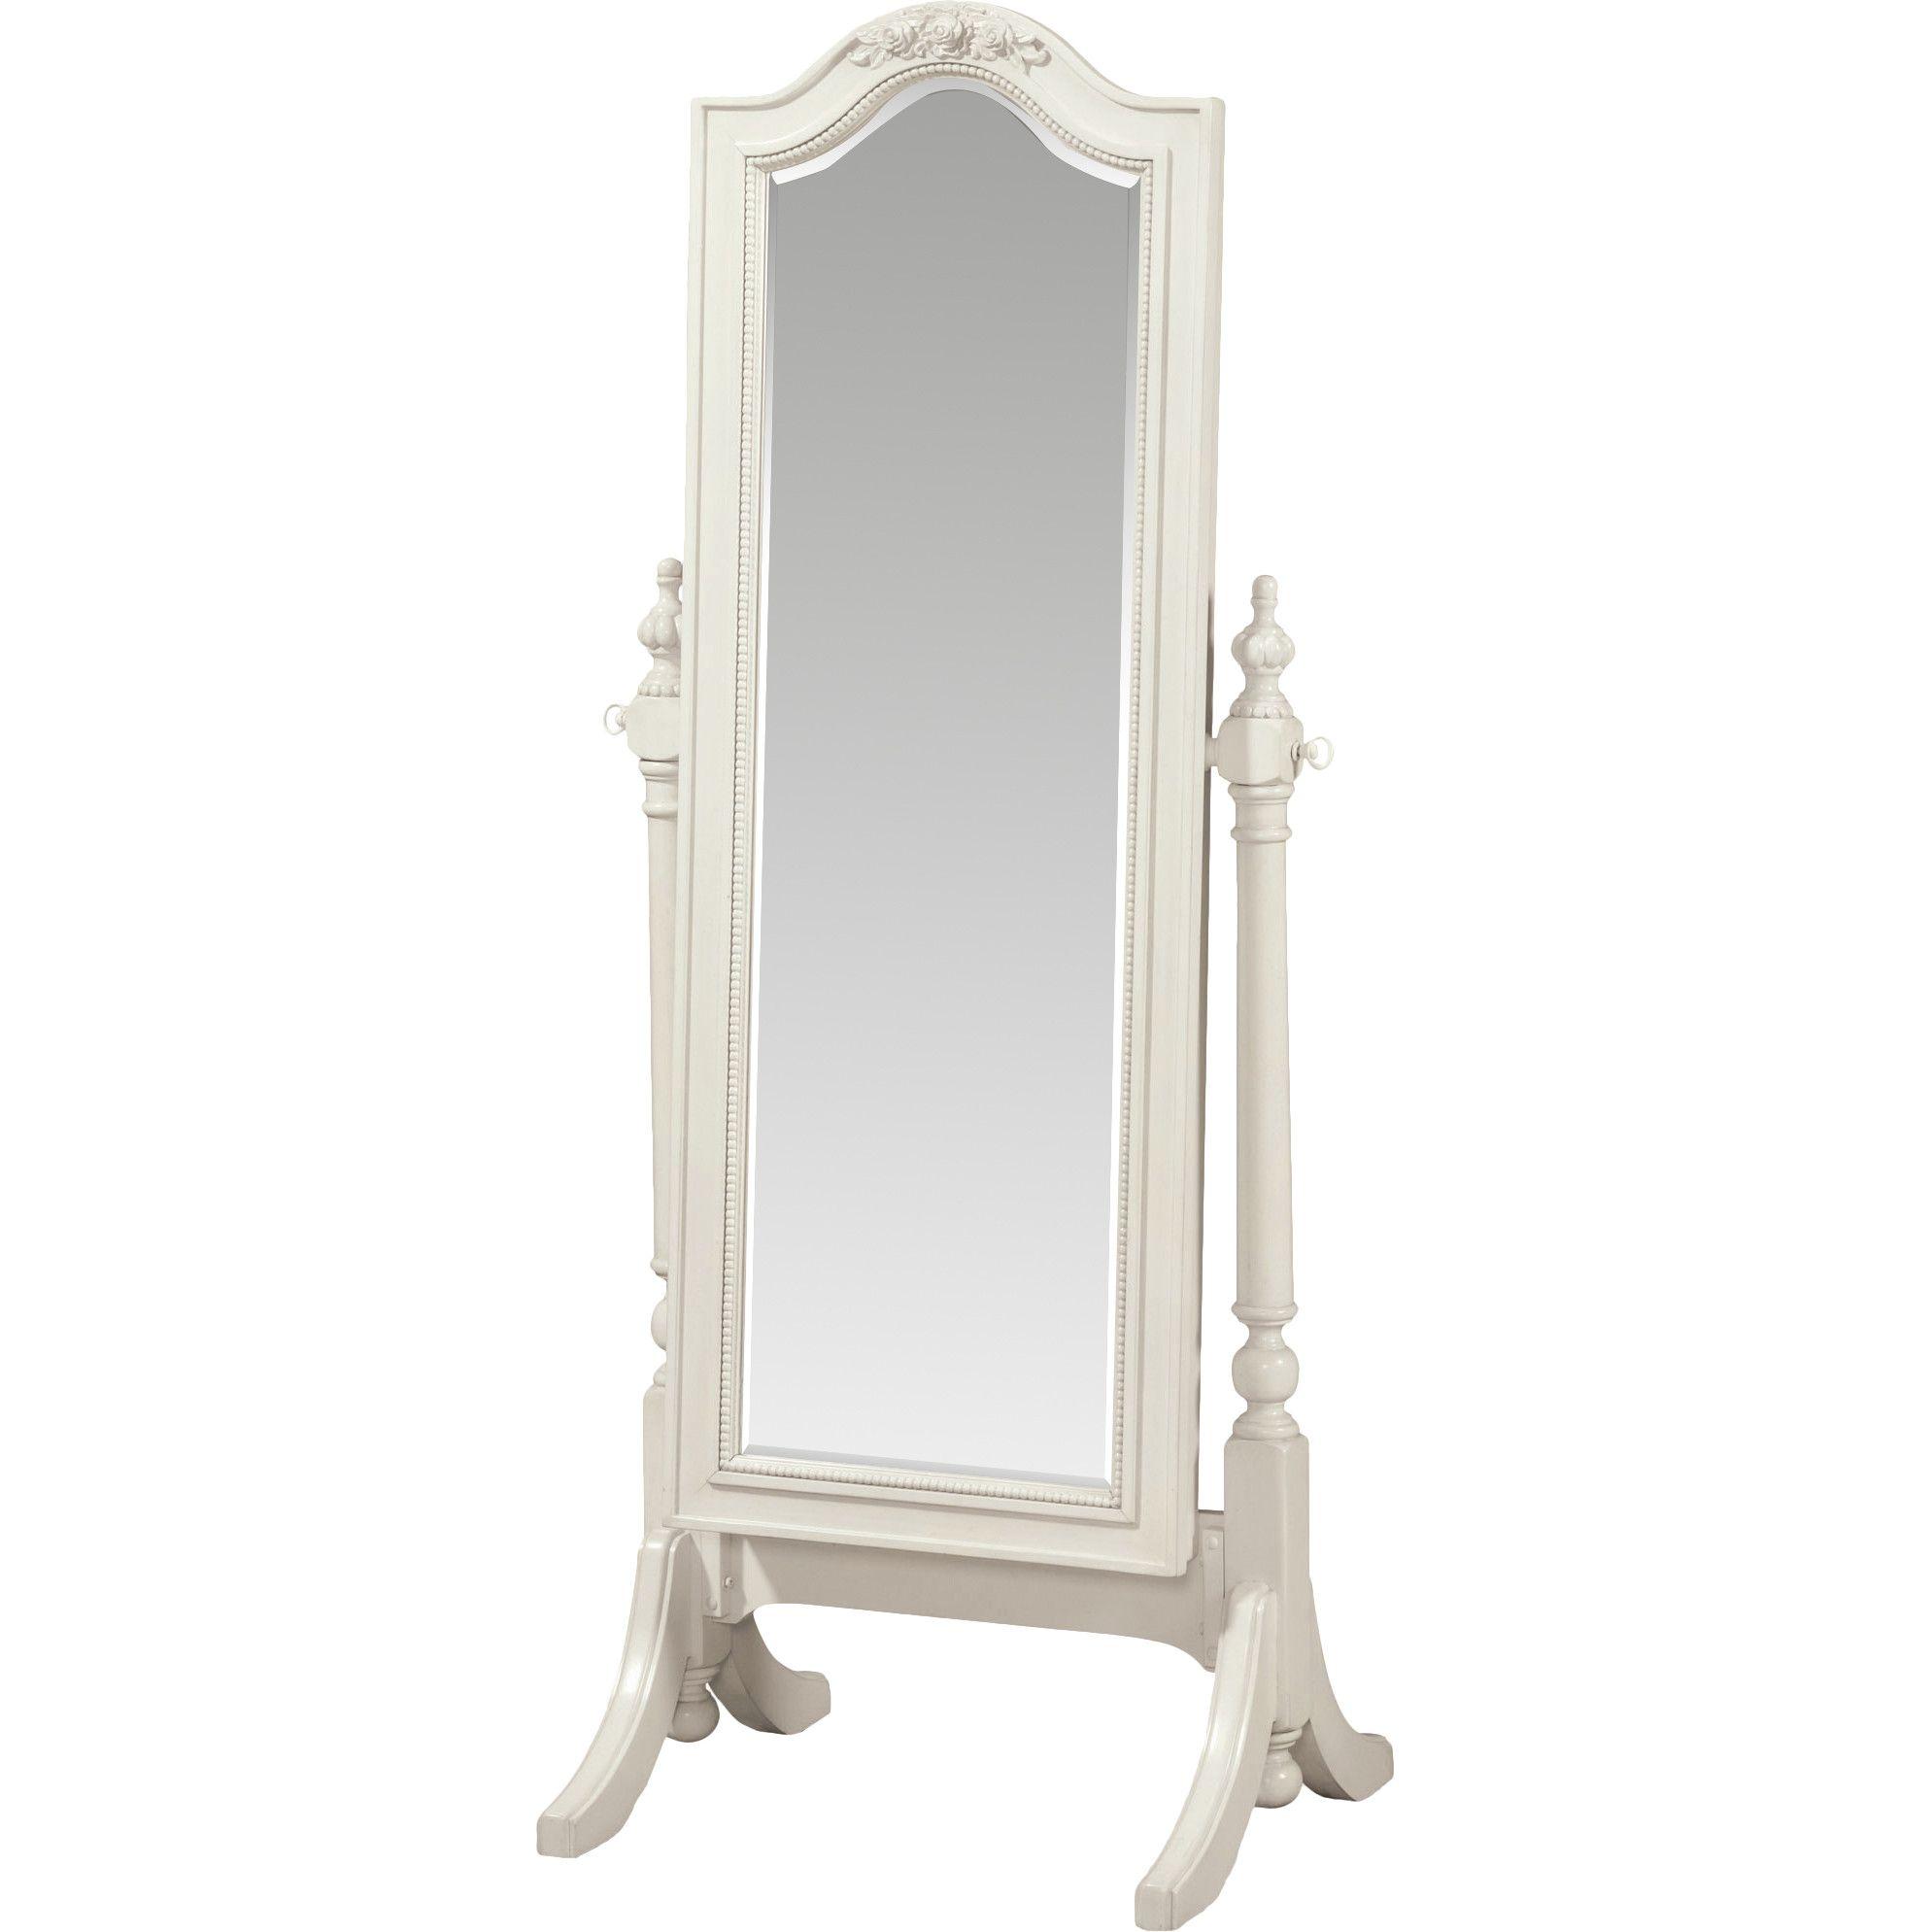 SmartStuff Furniture Gabriella Cheval Storage Mirror